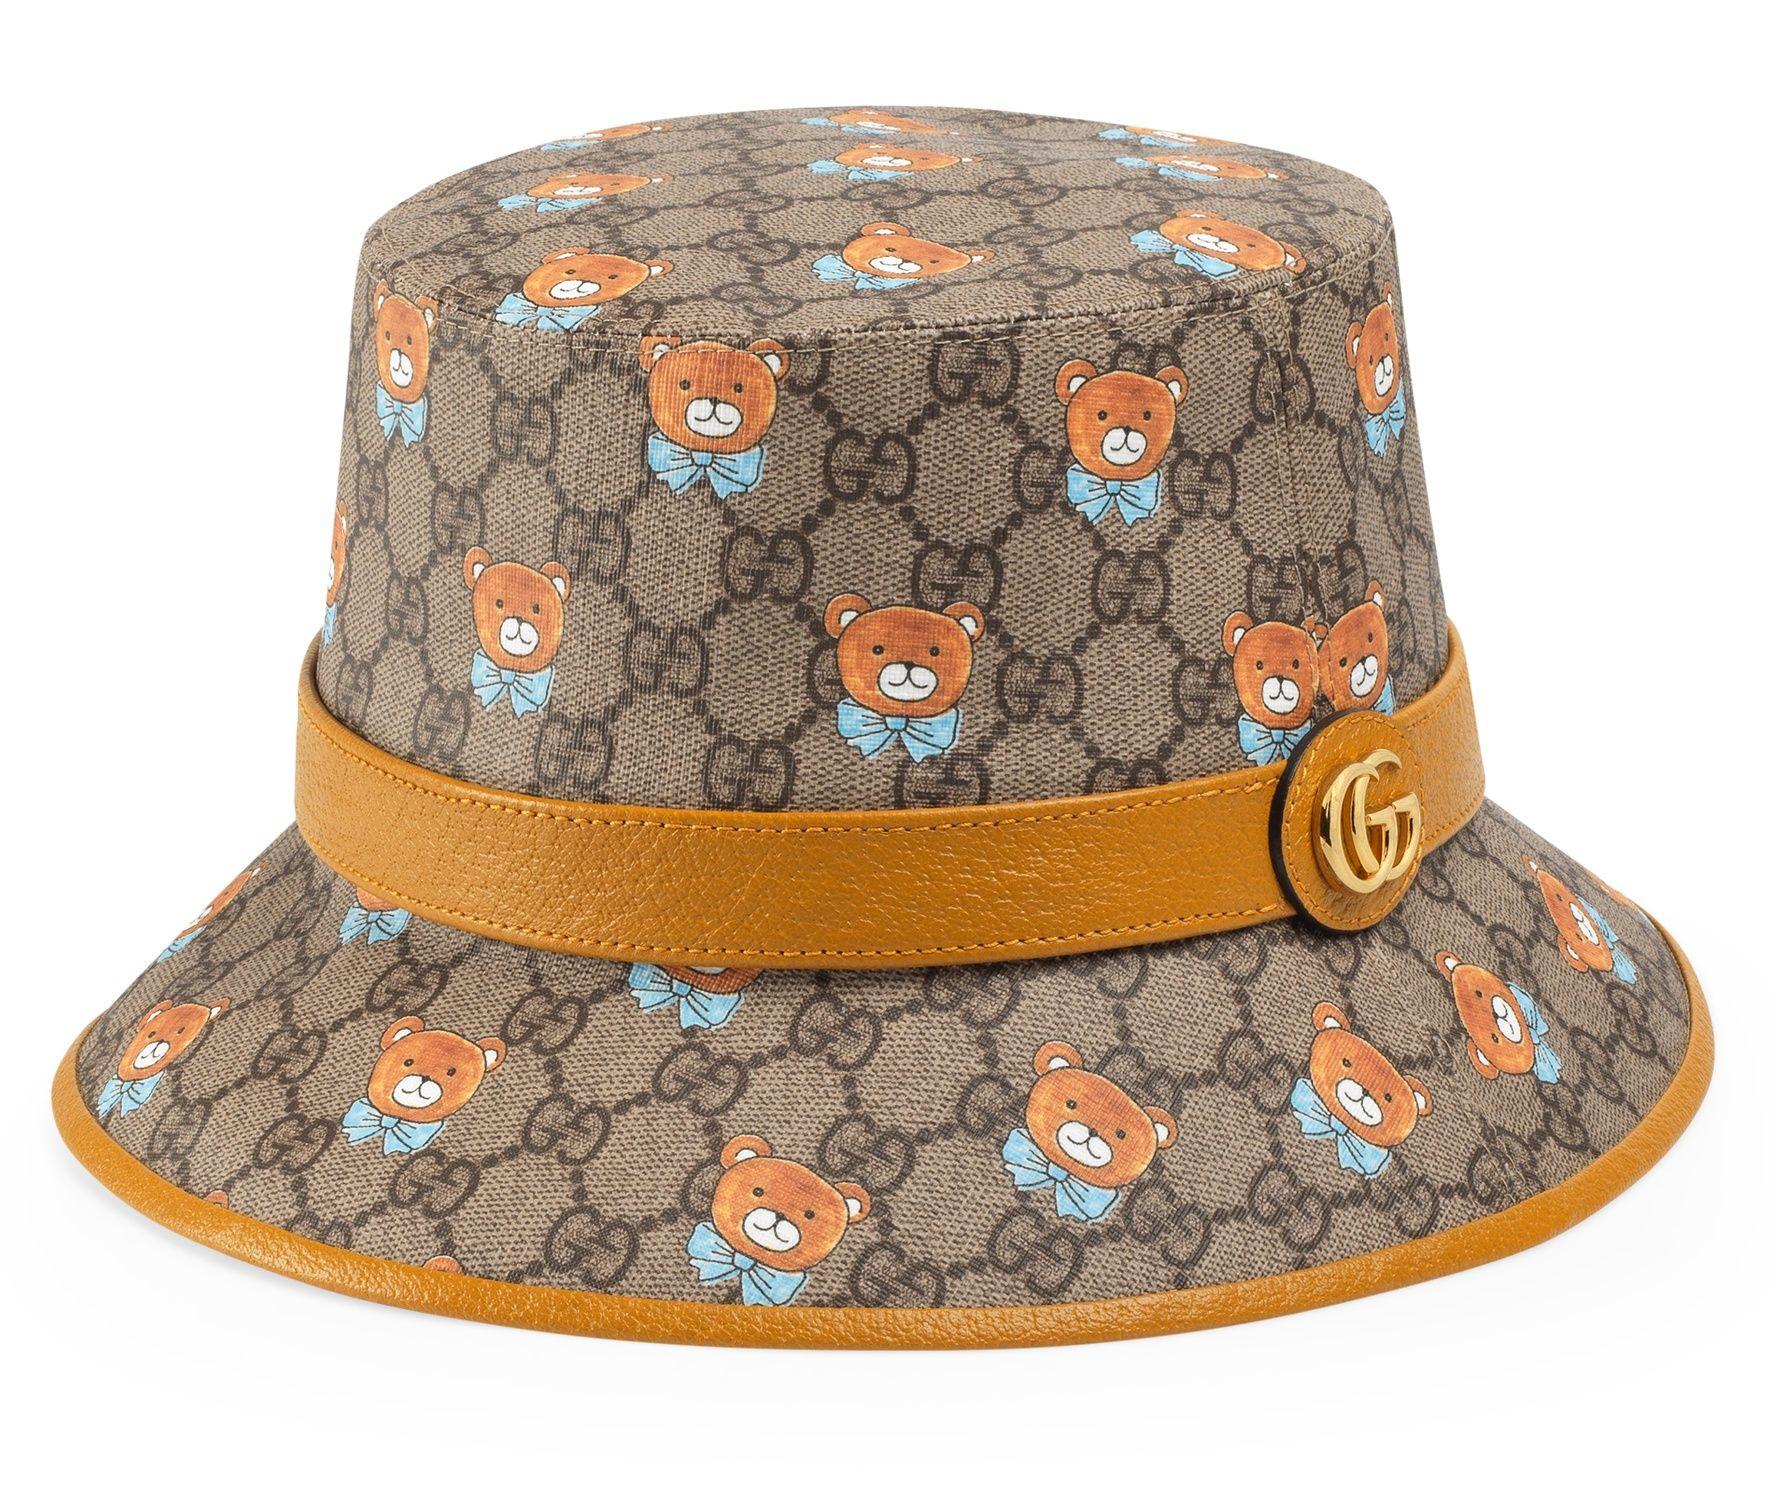 KAI x Gucci 聯名系列漁夫帽,建議售價 NT$16,900